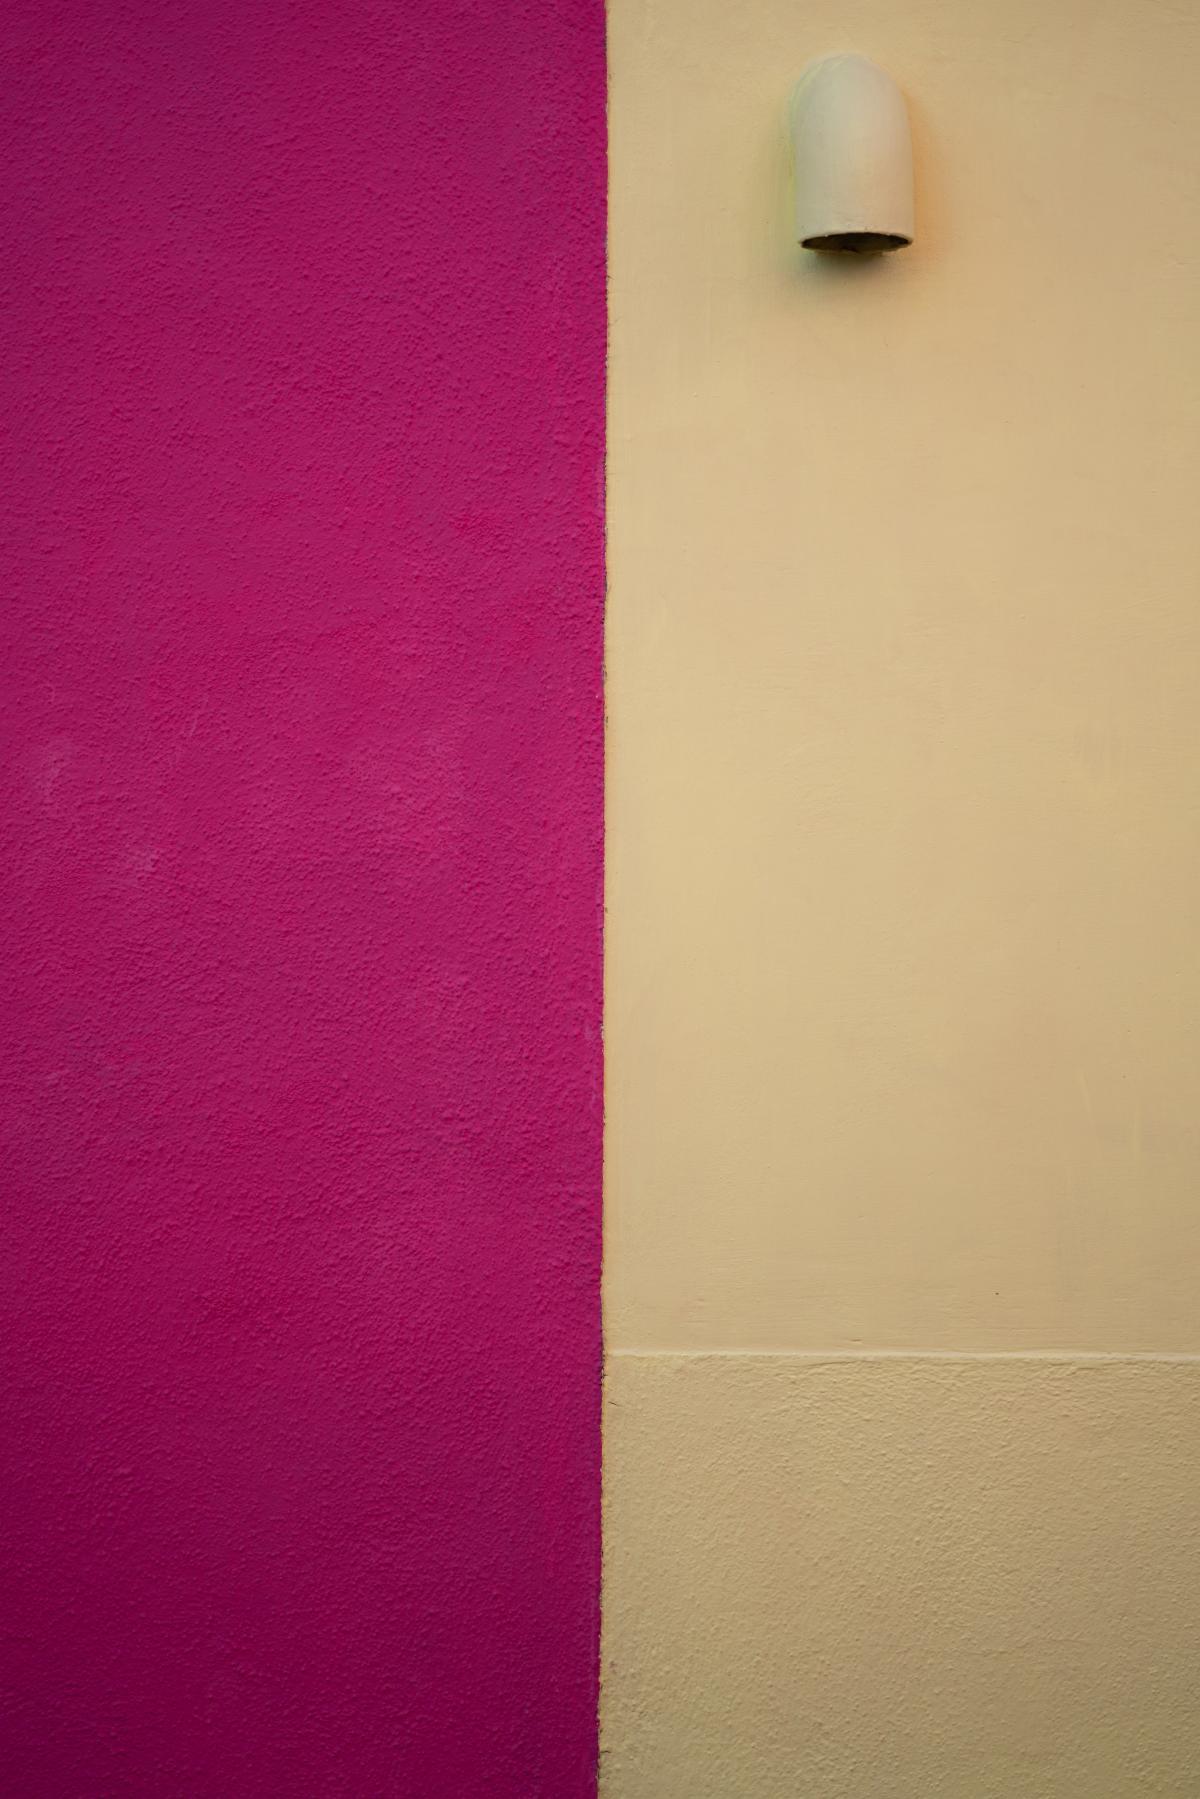 Paper Texture Grunge #420380